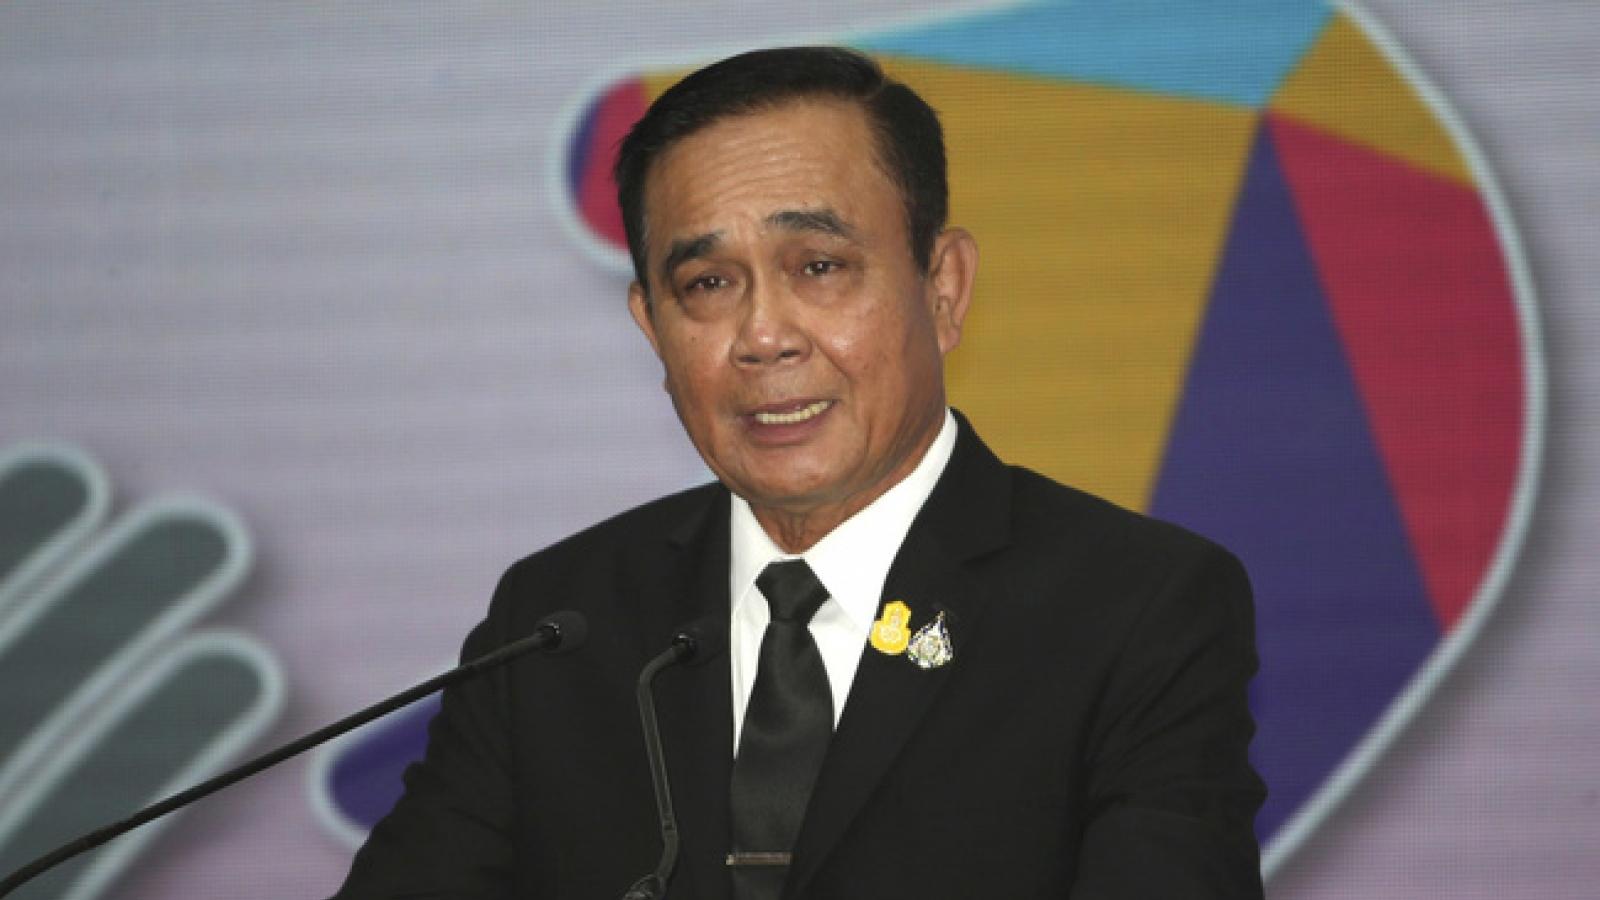 Thủ tướng Thái Lan kêu gọi tạm ngưng biểu tình chống chính phủ